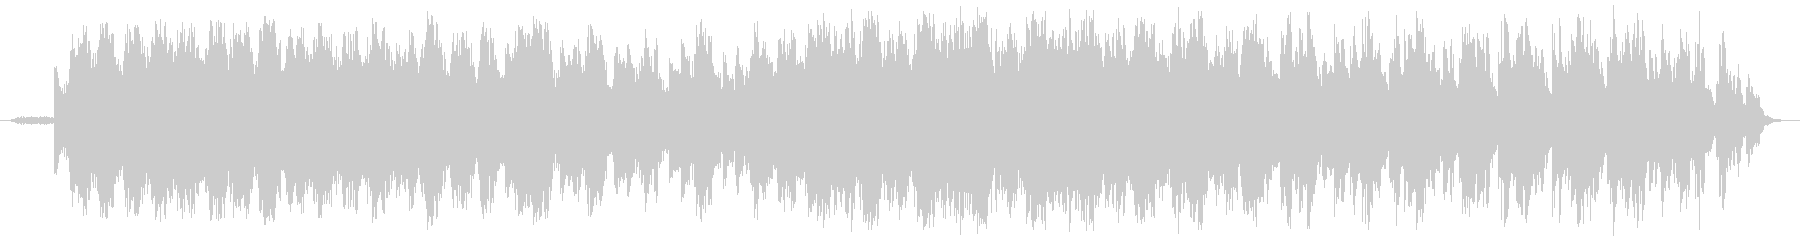 シンセサイザーの幻想的BGMの未再生の波形